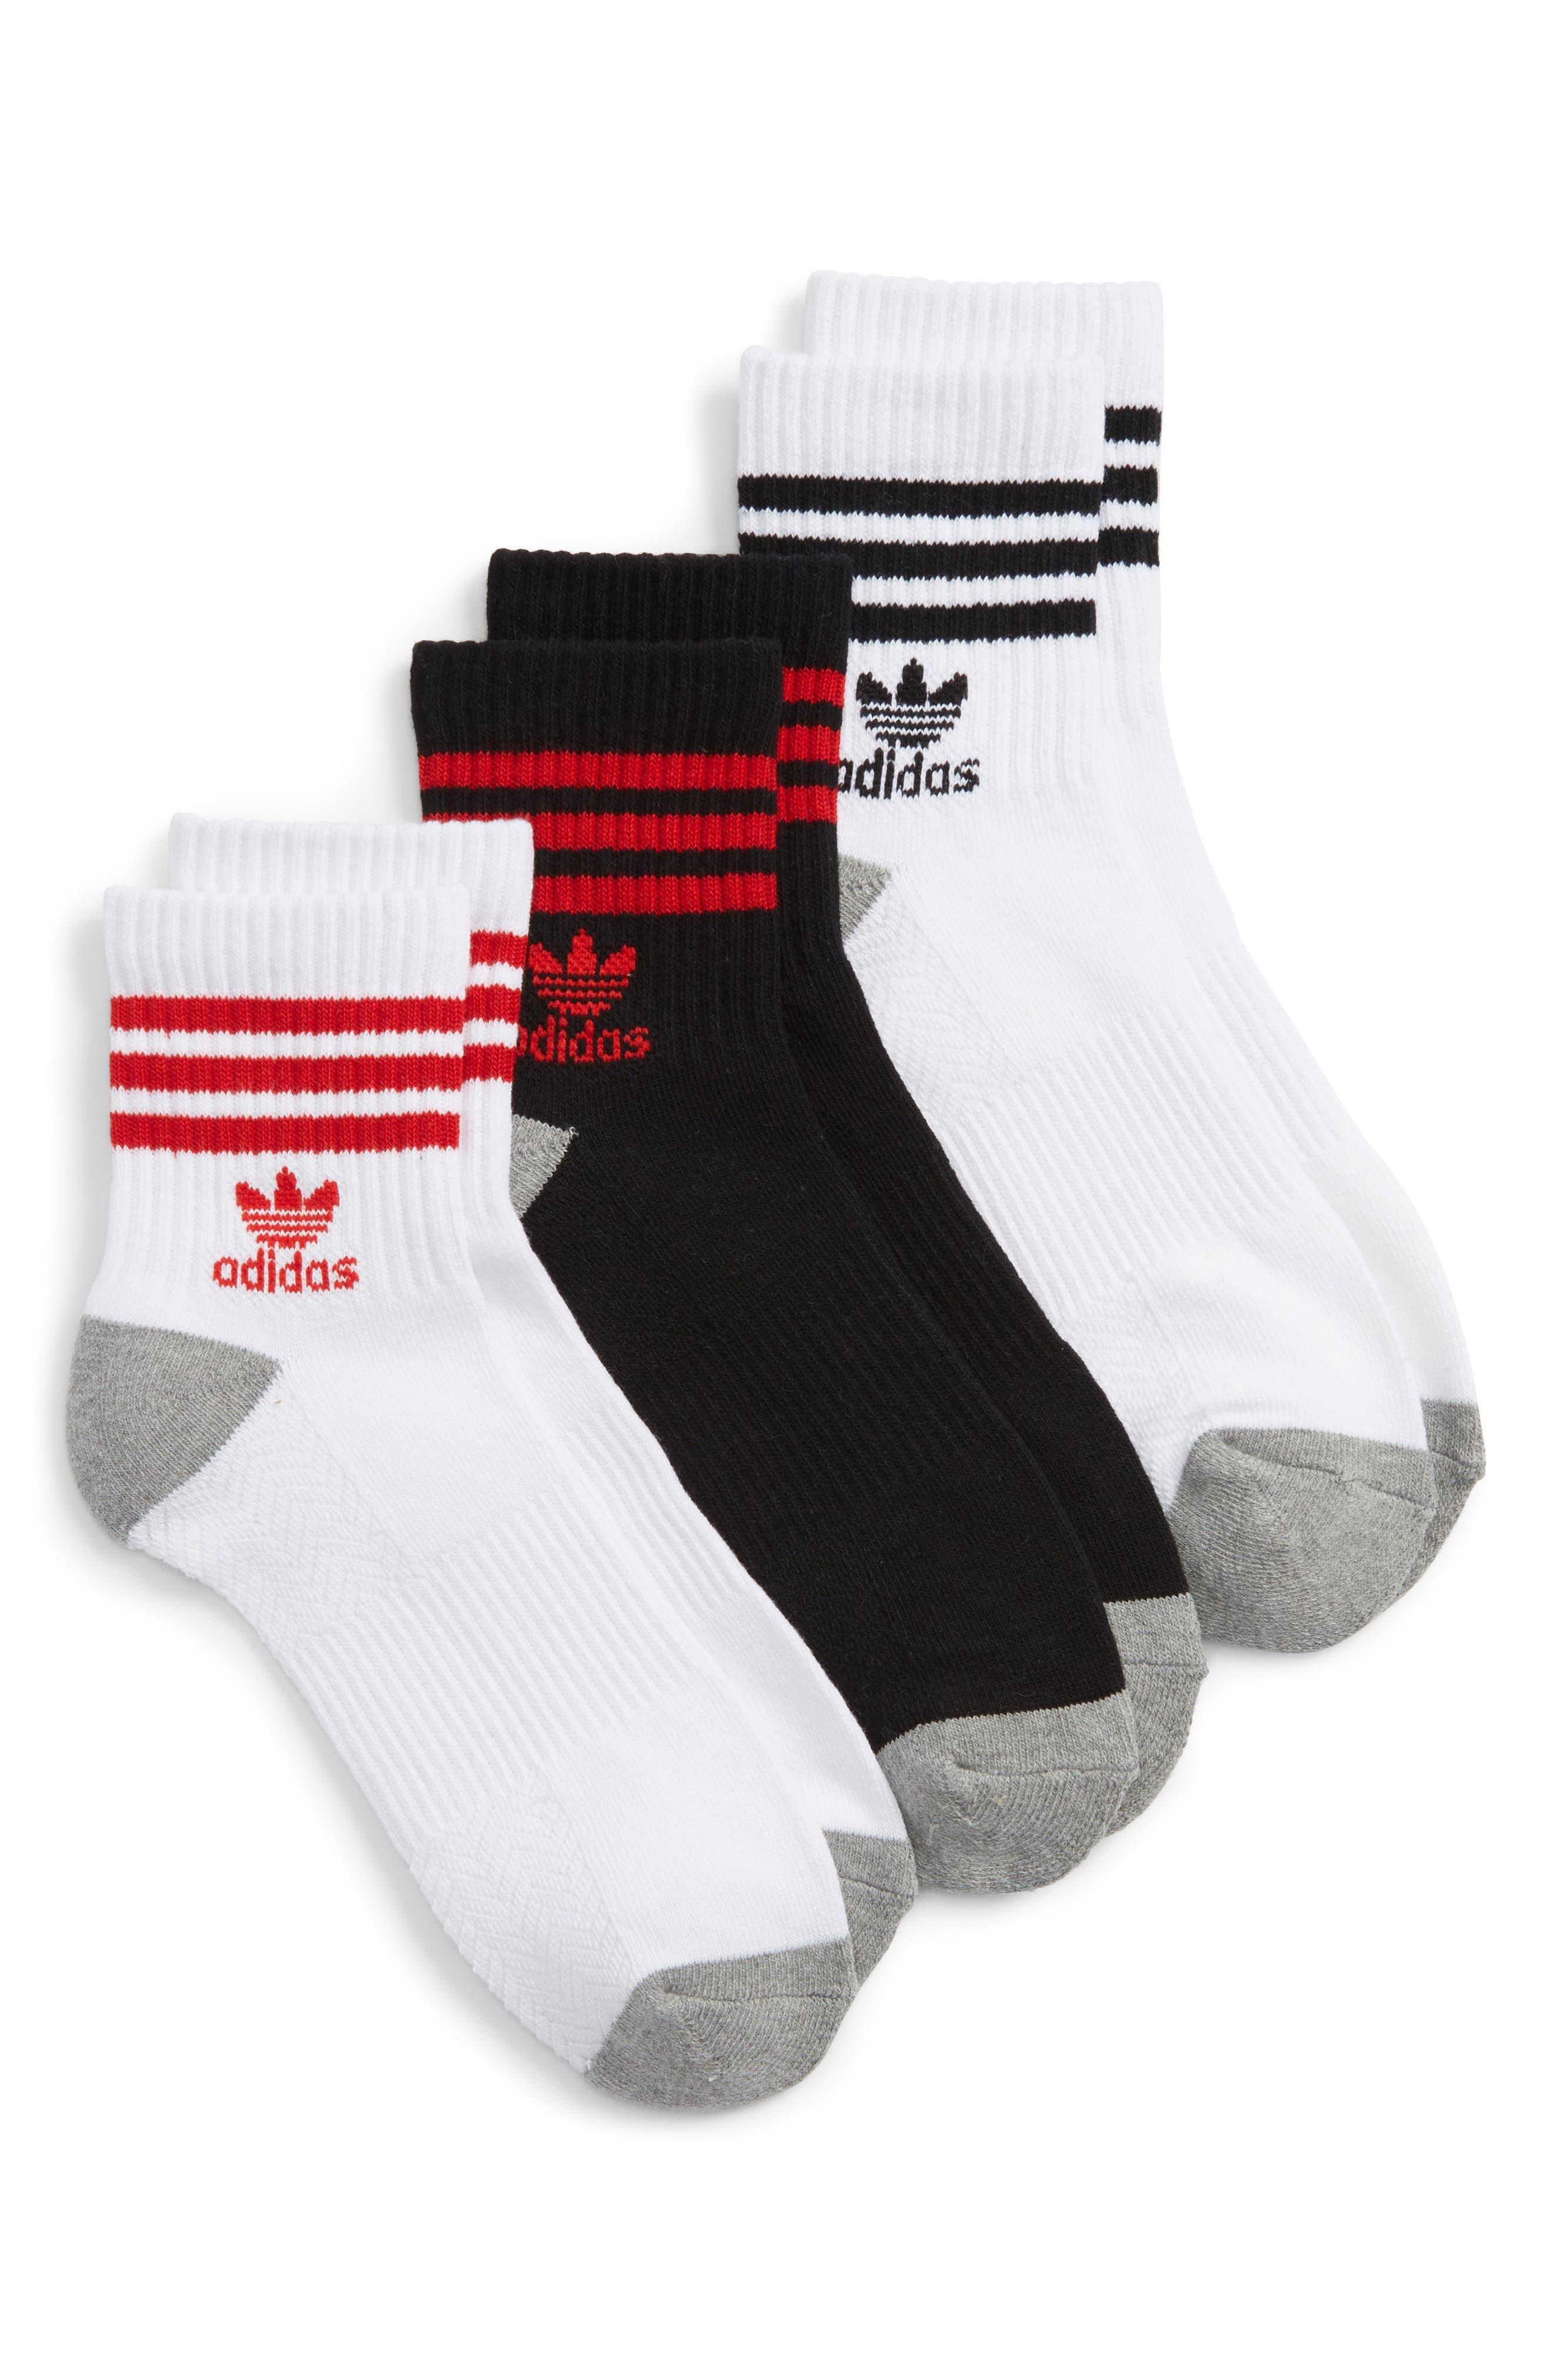 adidas quarter socks. adidas originals 3-pack quarter crew socks